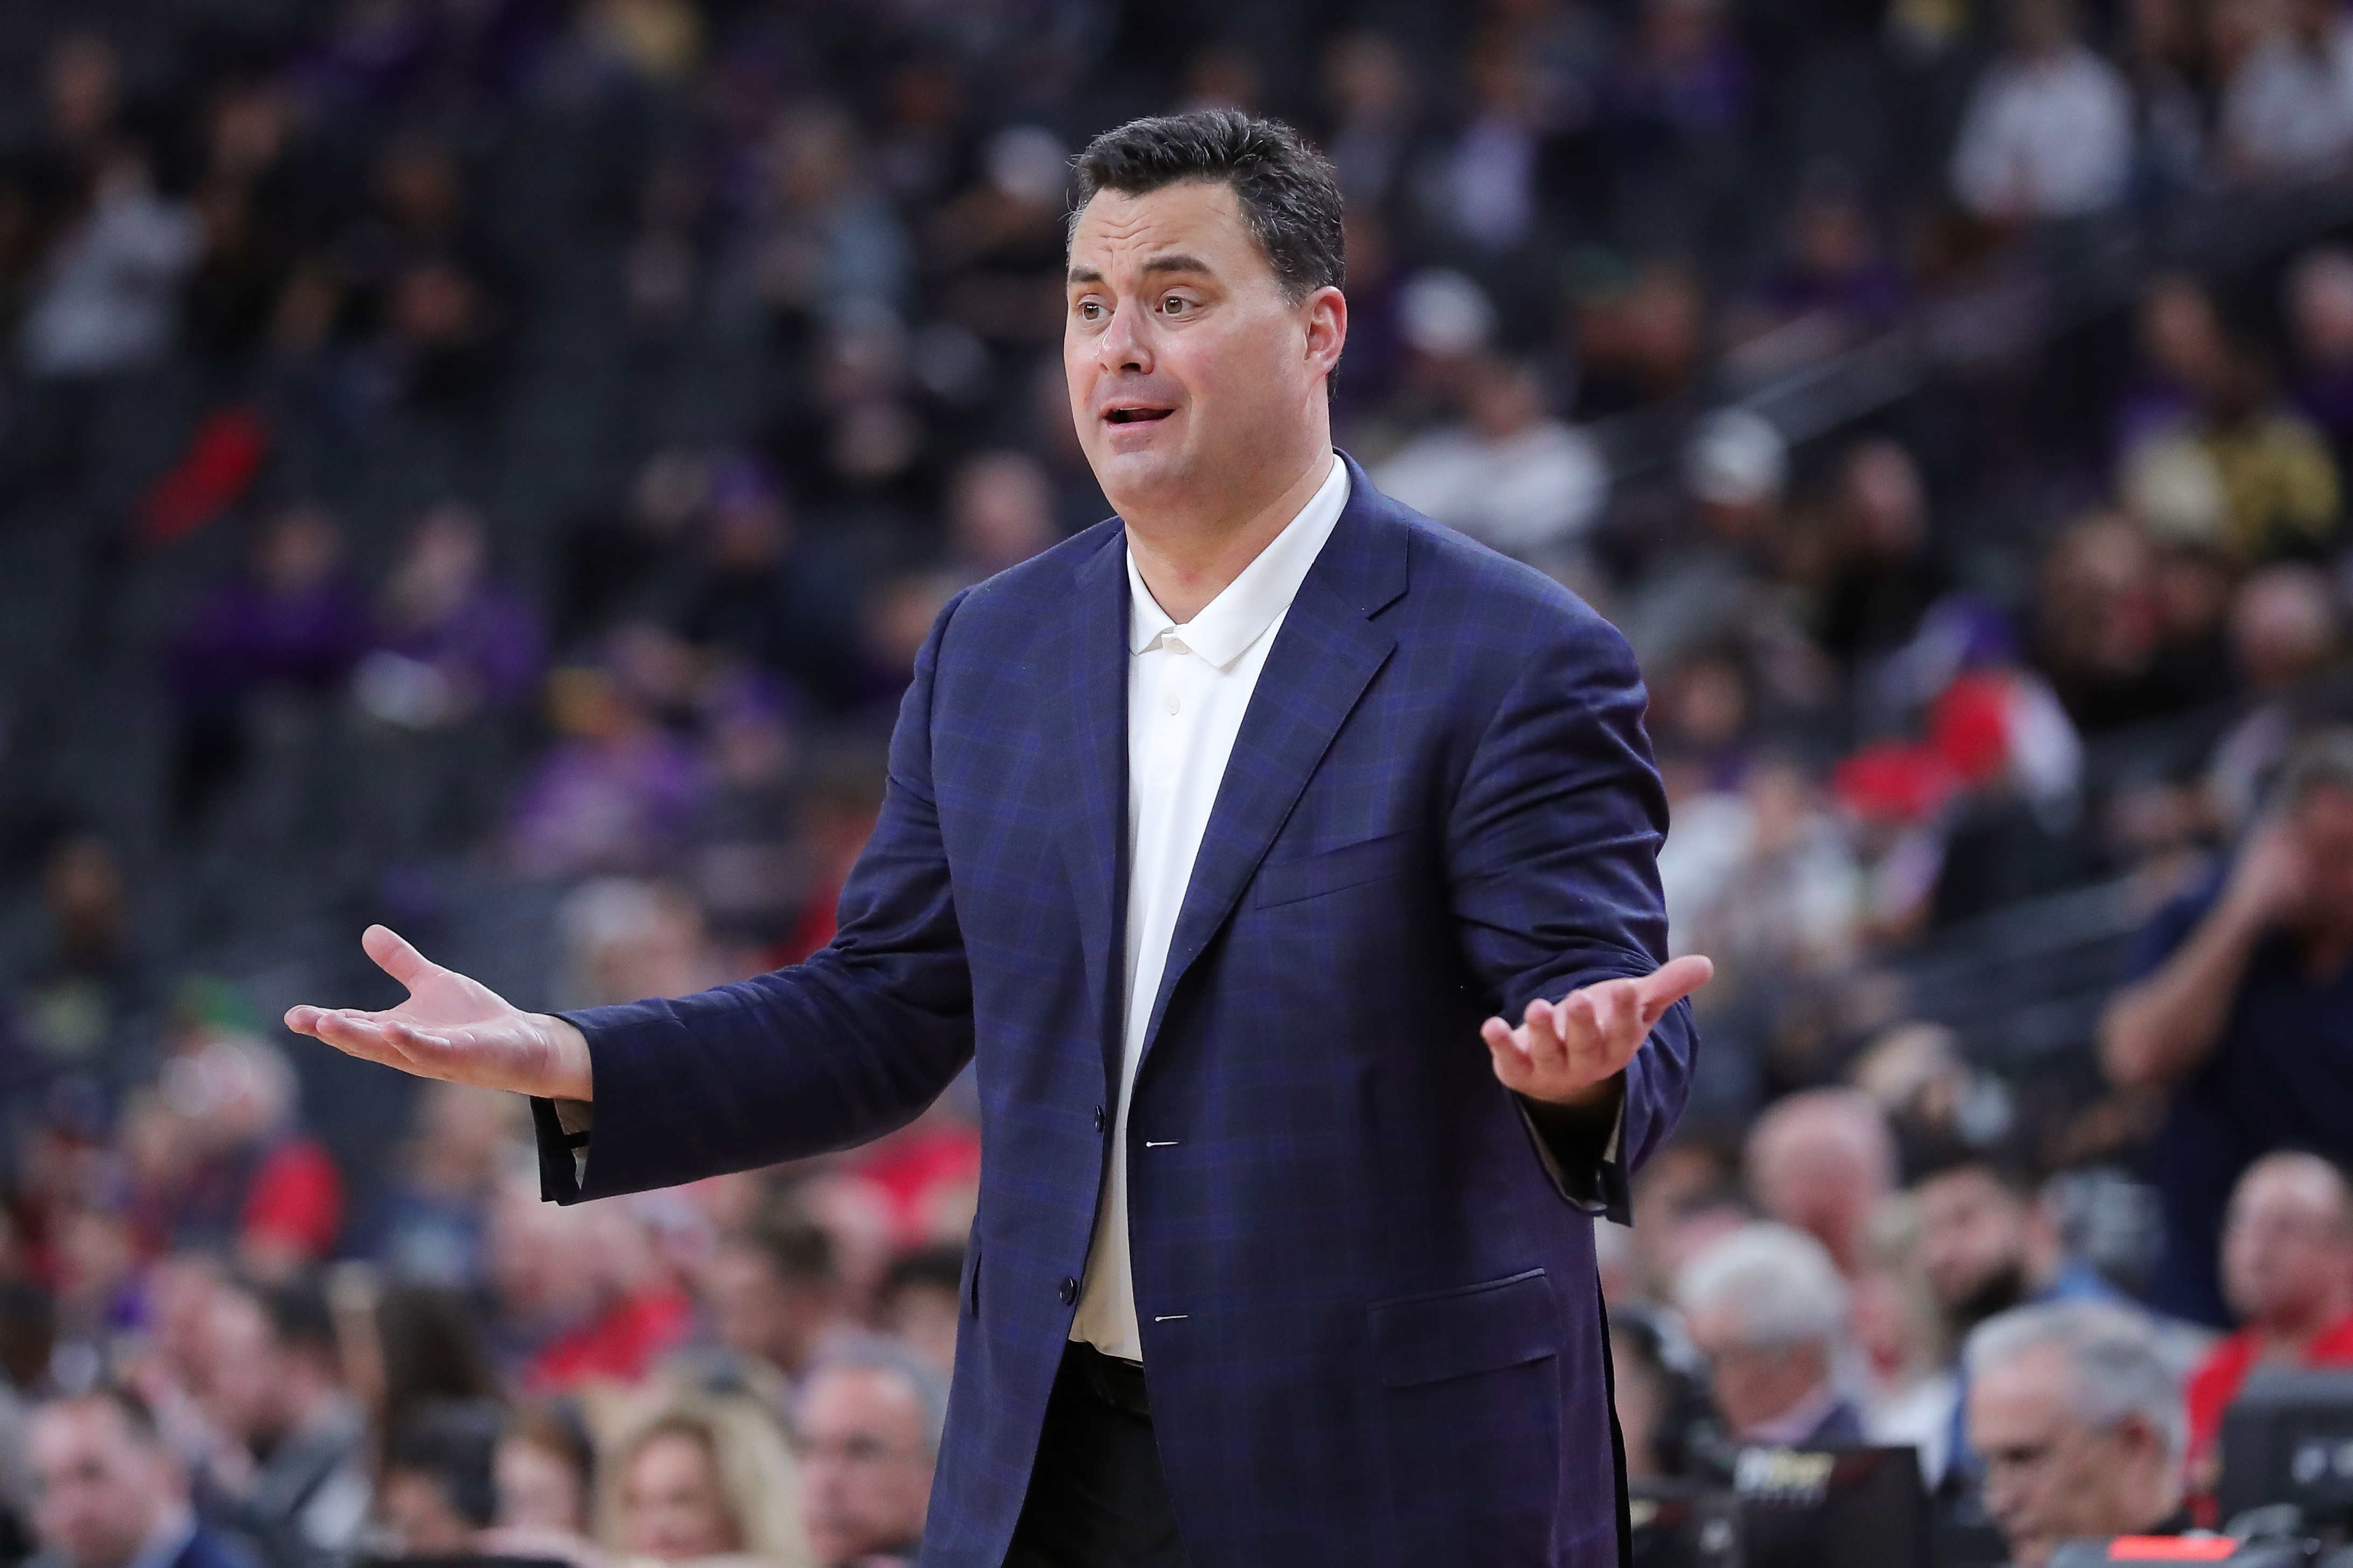 Arizona Coach Sean Miller Might Be Facing a Season-Long Suspension Because of FBI Scandal